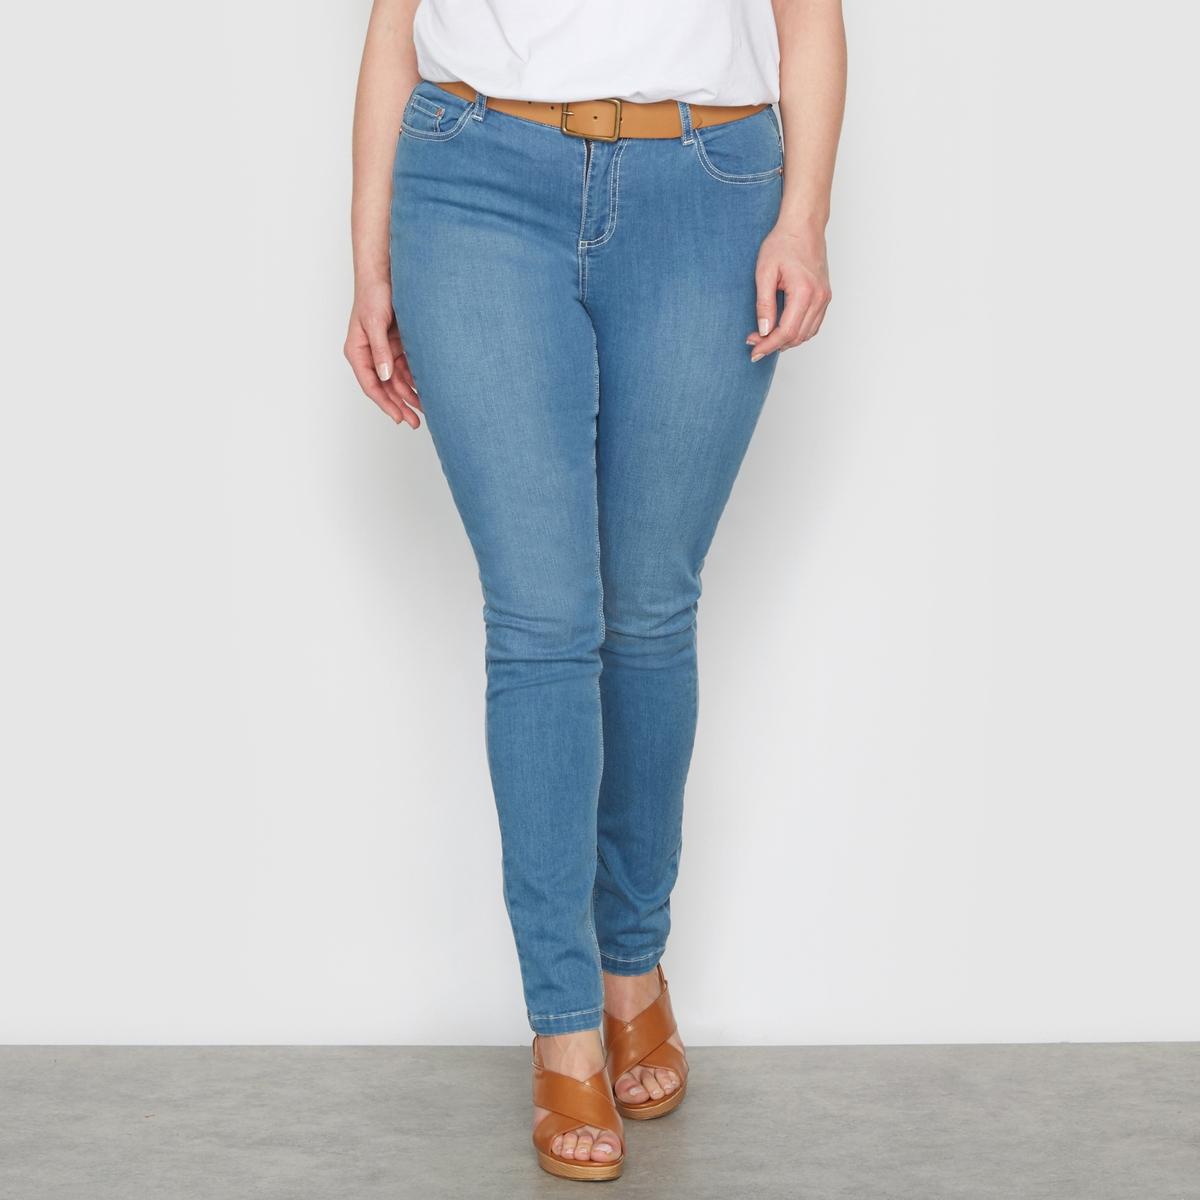 Джинсы облегающего покроя стретч,  длина по внутр.шву ок. 73 смПодчеркивается талия, бедра, ягодицы зрительно округляются: джинсы облегающего покроя отлично сидят и чрезвычайно удобны! Расклешенный низ. 5 карманов.Рост от 1 м 65 см : длина по внутр.шву ок. 73 см, ширина по низу 15,5 см.<br><br>Цвет: голубой потертый,синий потертый,темно-синий,черный<br>Размер: 44 (FR) - 50 (RUS).58 (FR) - 64 (RUS).48 (FR) - 54 (RUS).52 (FR) - 58 (RUS).56 (FR) - 62 (RUS).46 (FR) - 52 (RUS).54 (FR) - 60 (RUS).44 (FR) - 50 (RUS).50 (FR) - 56 (RUS).44 (FR) - 50 (RUS).44 (FR) - 50 (RUS).54 (FR) - 60 (RUS).48 (FR) - 54 (RUS).58 (FR) - 64 (RUS).46 (FR) - 52 (RUS).50 (FR) - 56 (RUS).52 (FR) - 58 (RUS).42 (FR) - 48 (RUS).42 (FR) - 48 (RUS).56 (FR) - 62 (RUS).52 (FR) - 58 (RUS).54 (FR) - 60 (RUS)